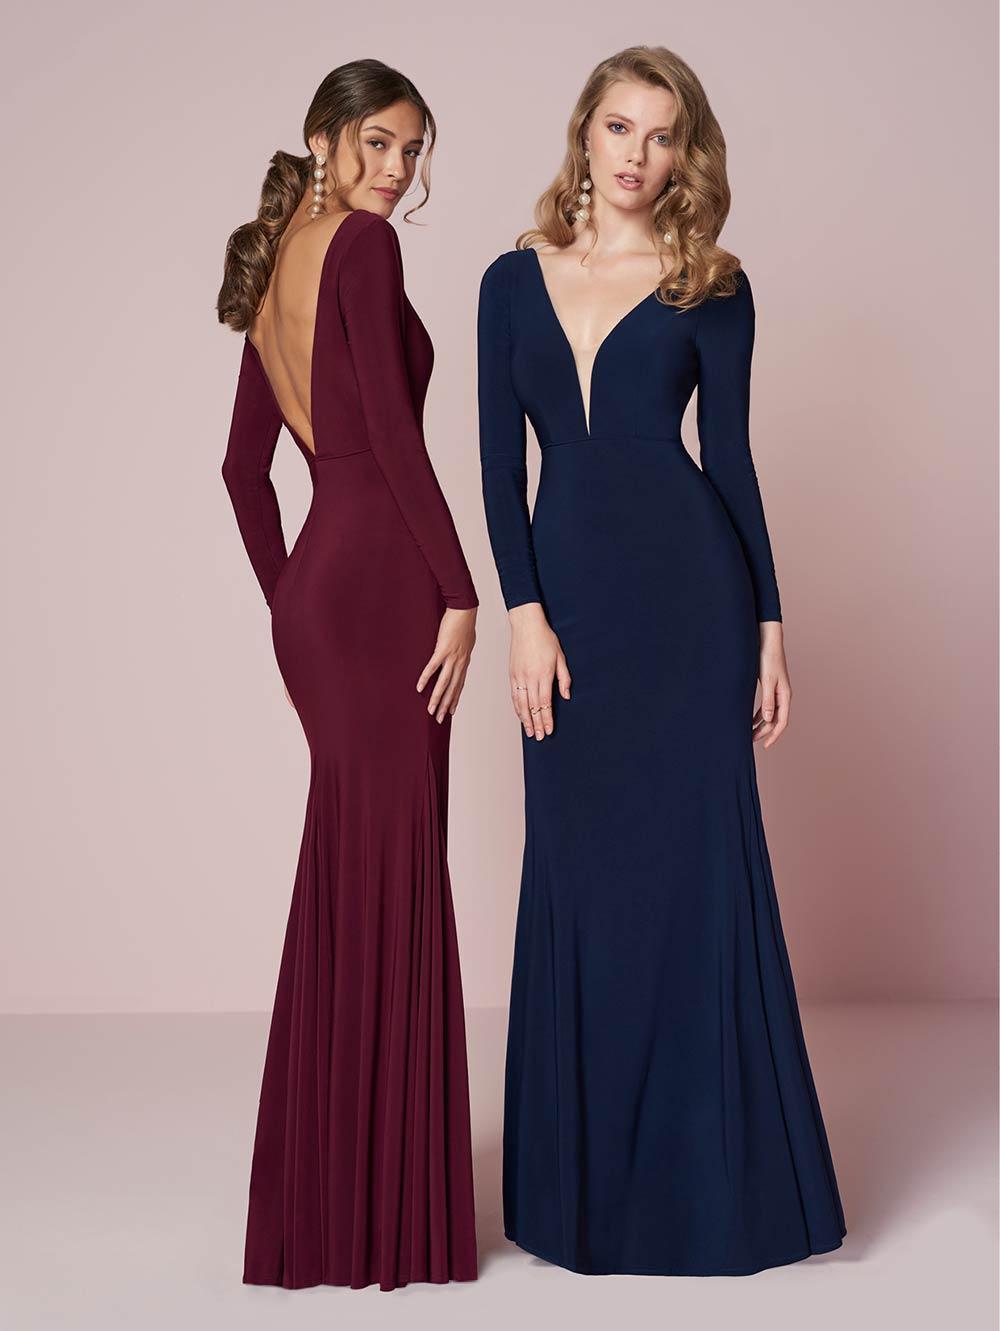 bridesmaid-dresses-jacquelin-bridals-canada-27765